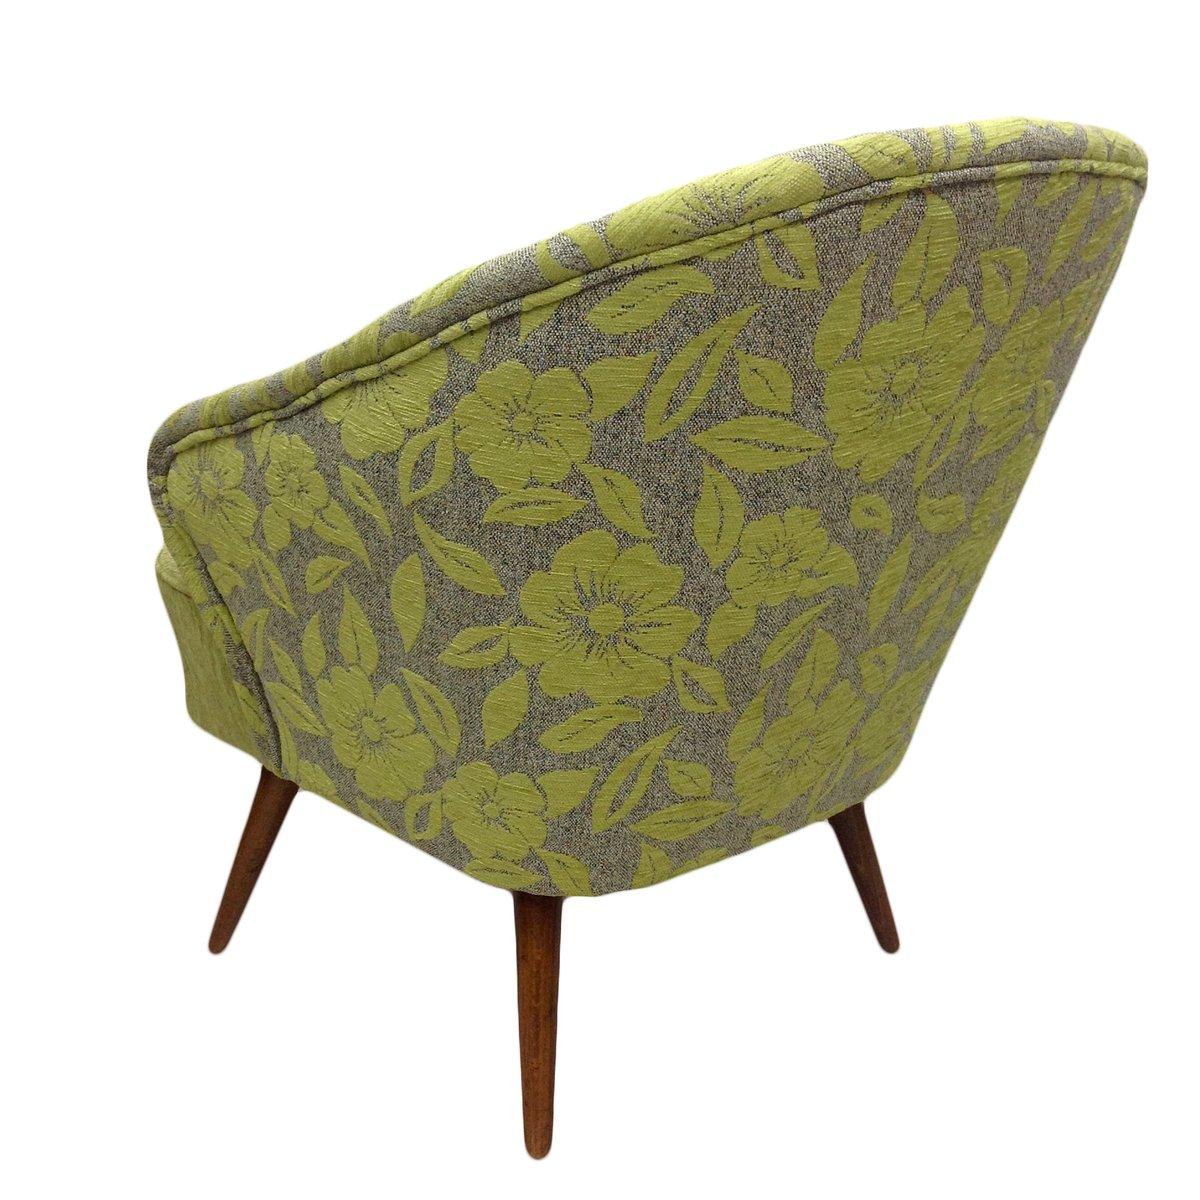 fauteuil vert avec fleurs 1960s en vente sur pamono. Black Bedroom Furniture Sets. Home Design Ideas